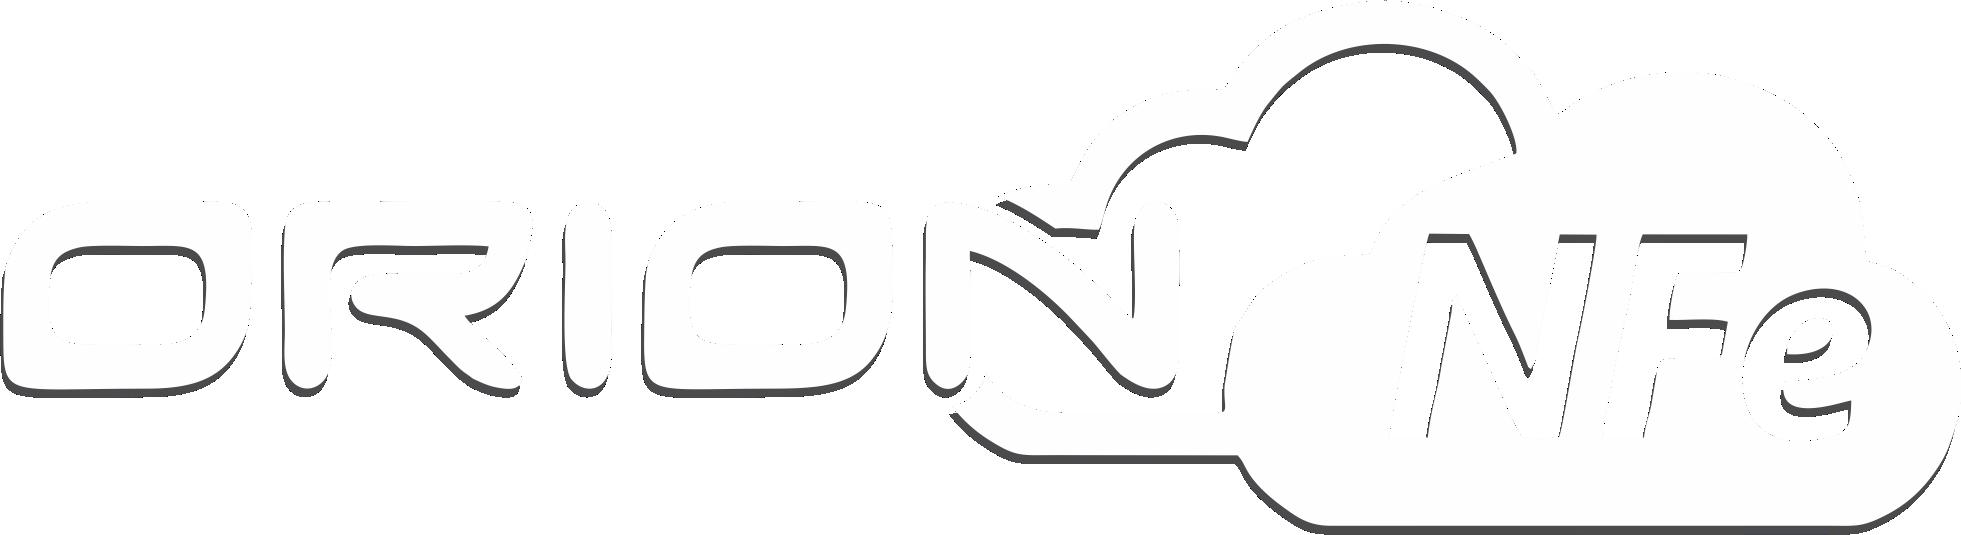 Emissor de Nota Fiscal OnLine (NF-e) - Orion NF-e